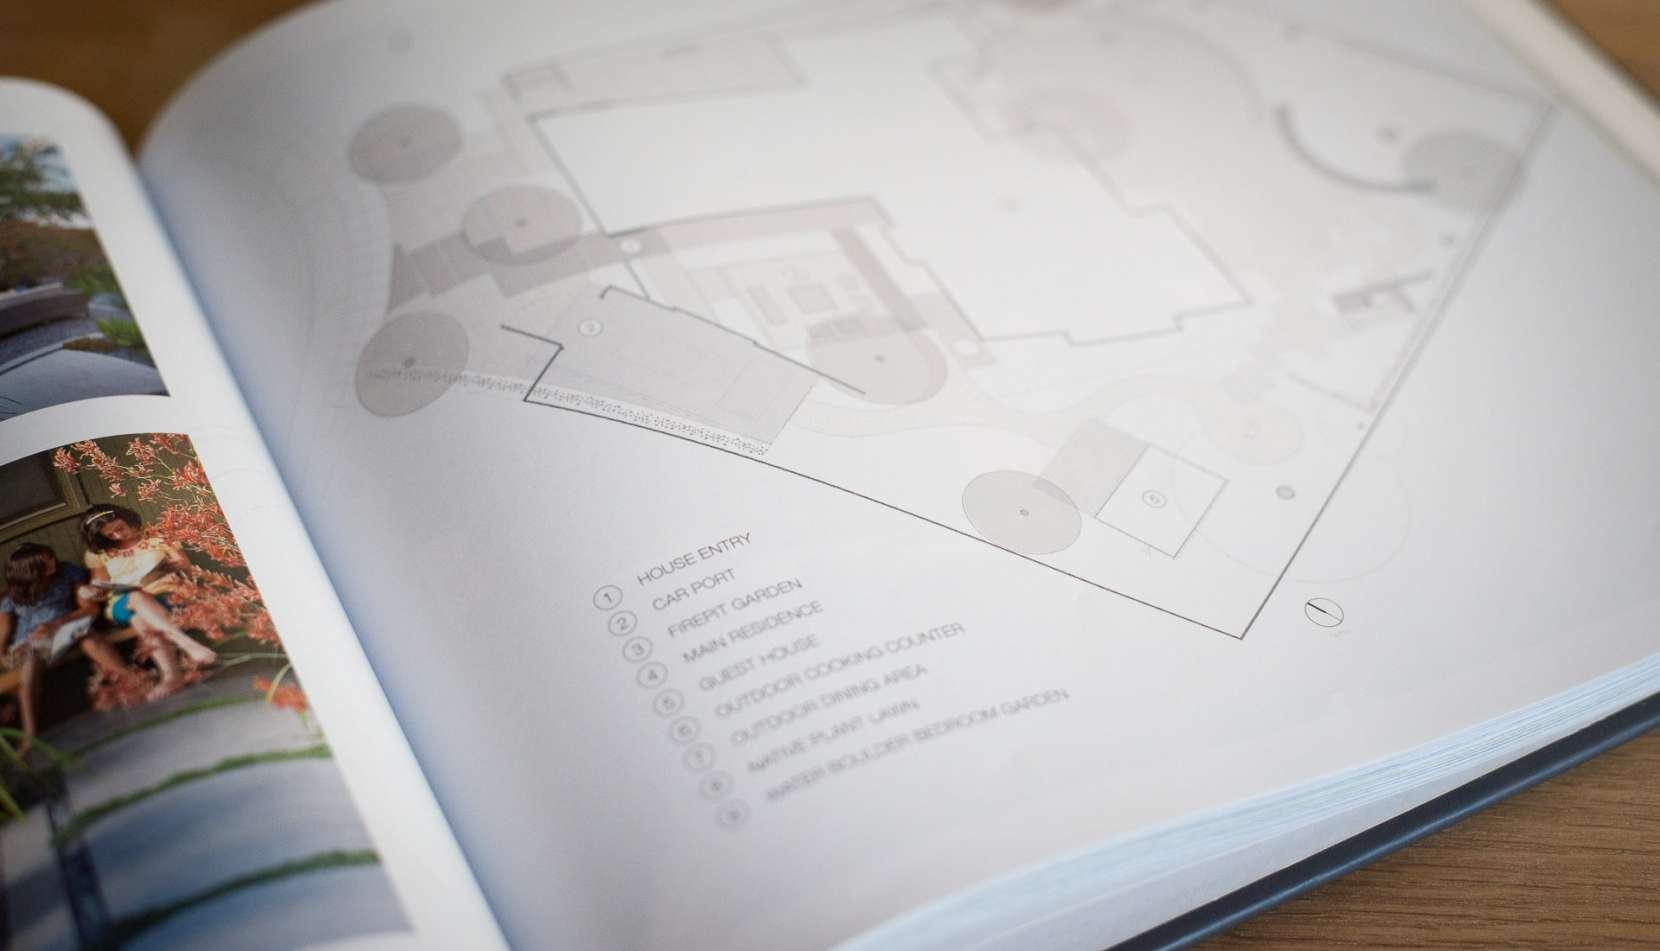 bta-book-6392-1660x951.jpg